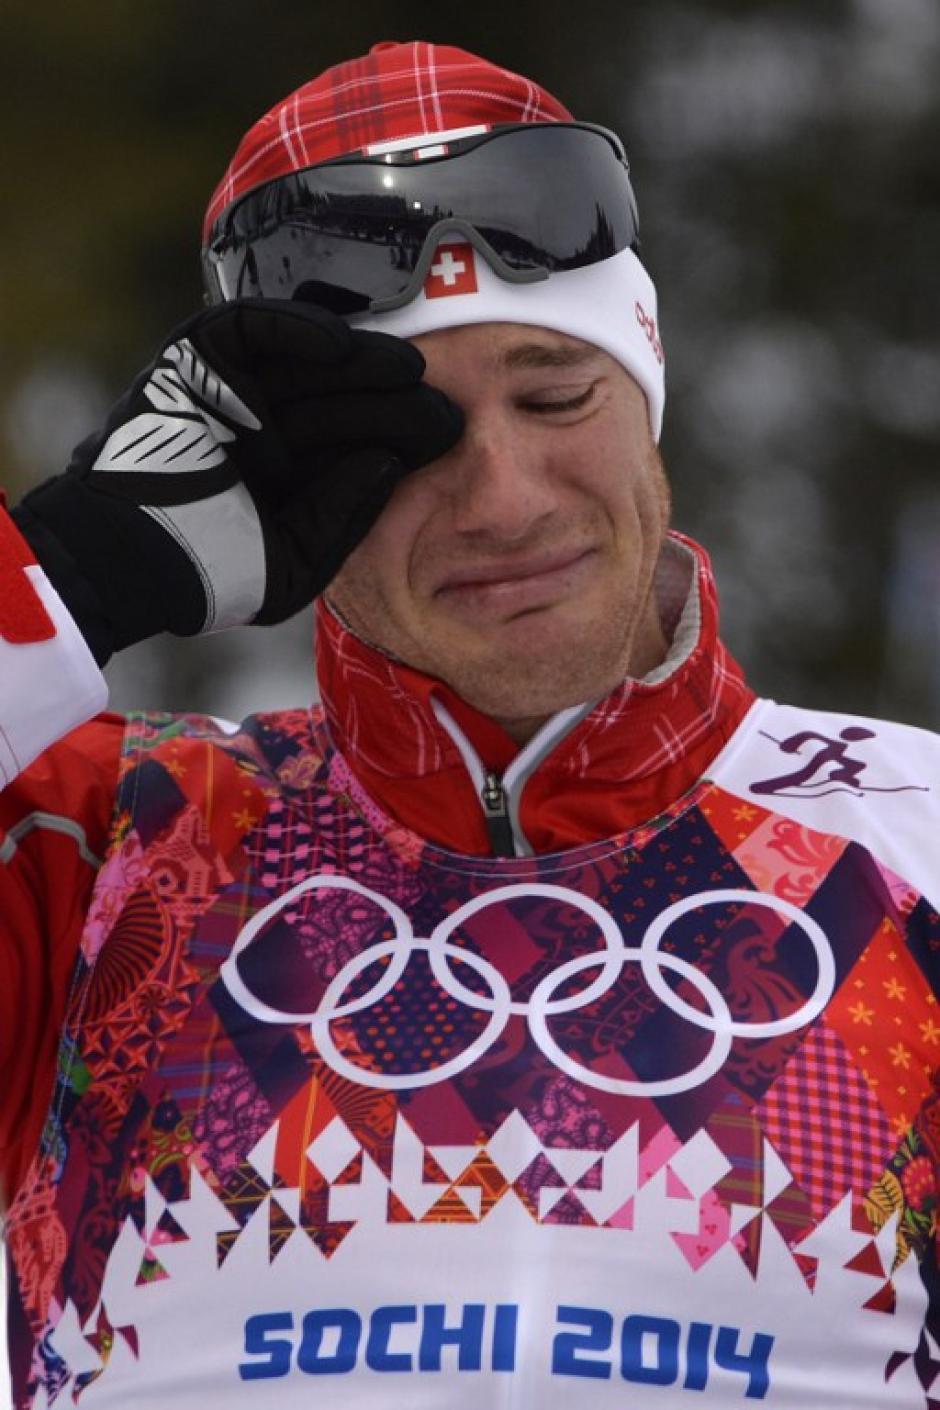 El suizo Dario COlogna derrama lágrimas tras ganar el oro en la competencia de esquí cross-country